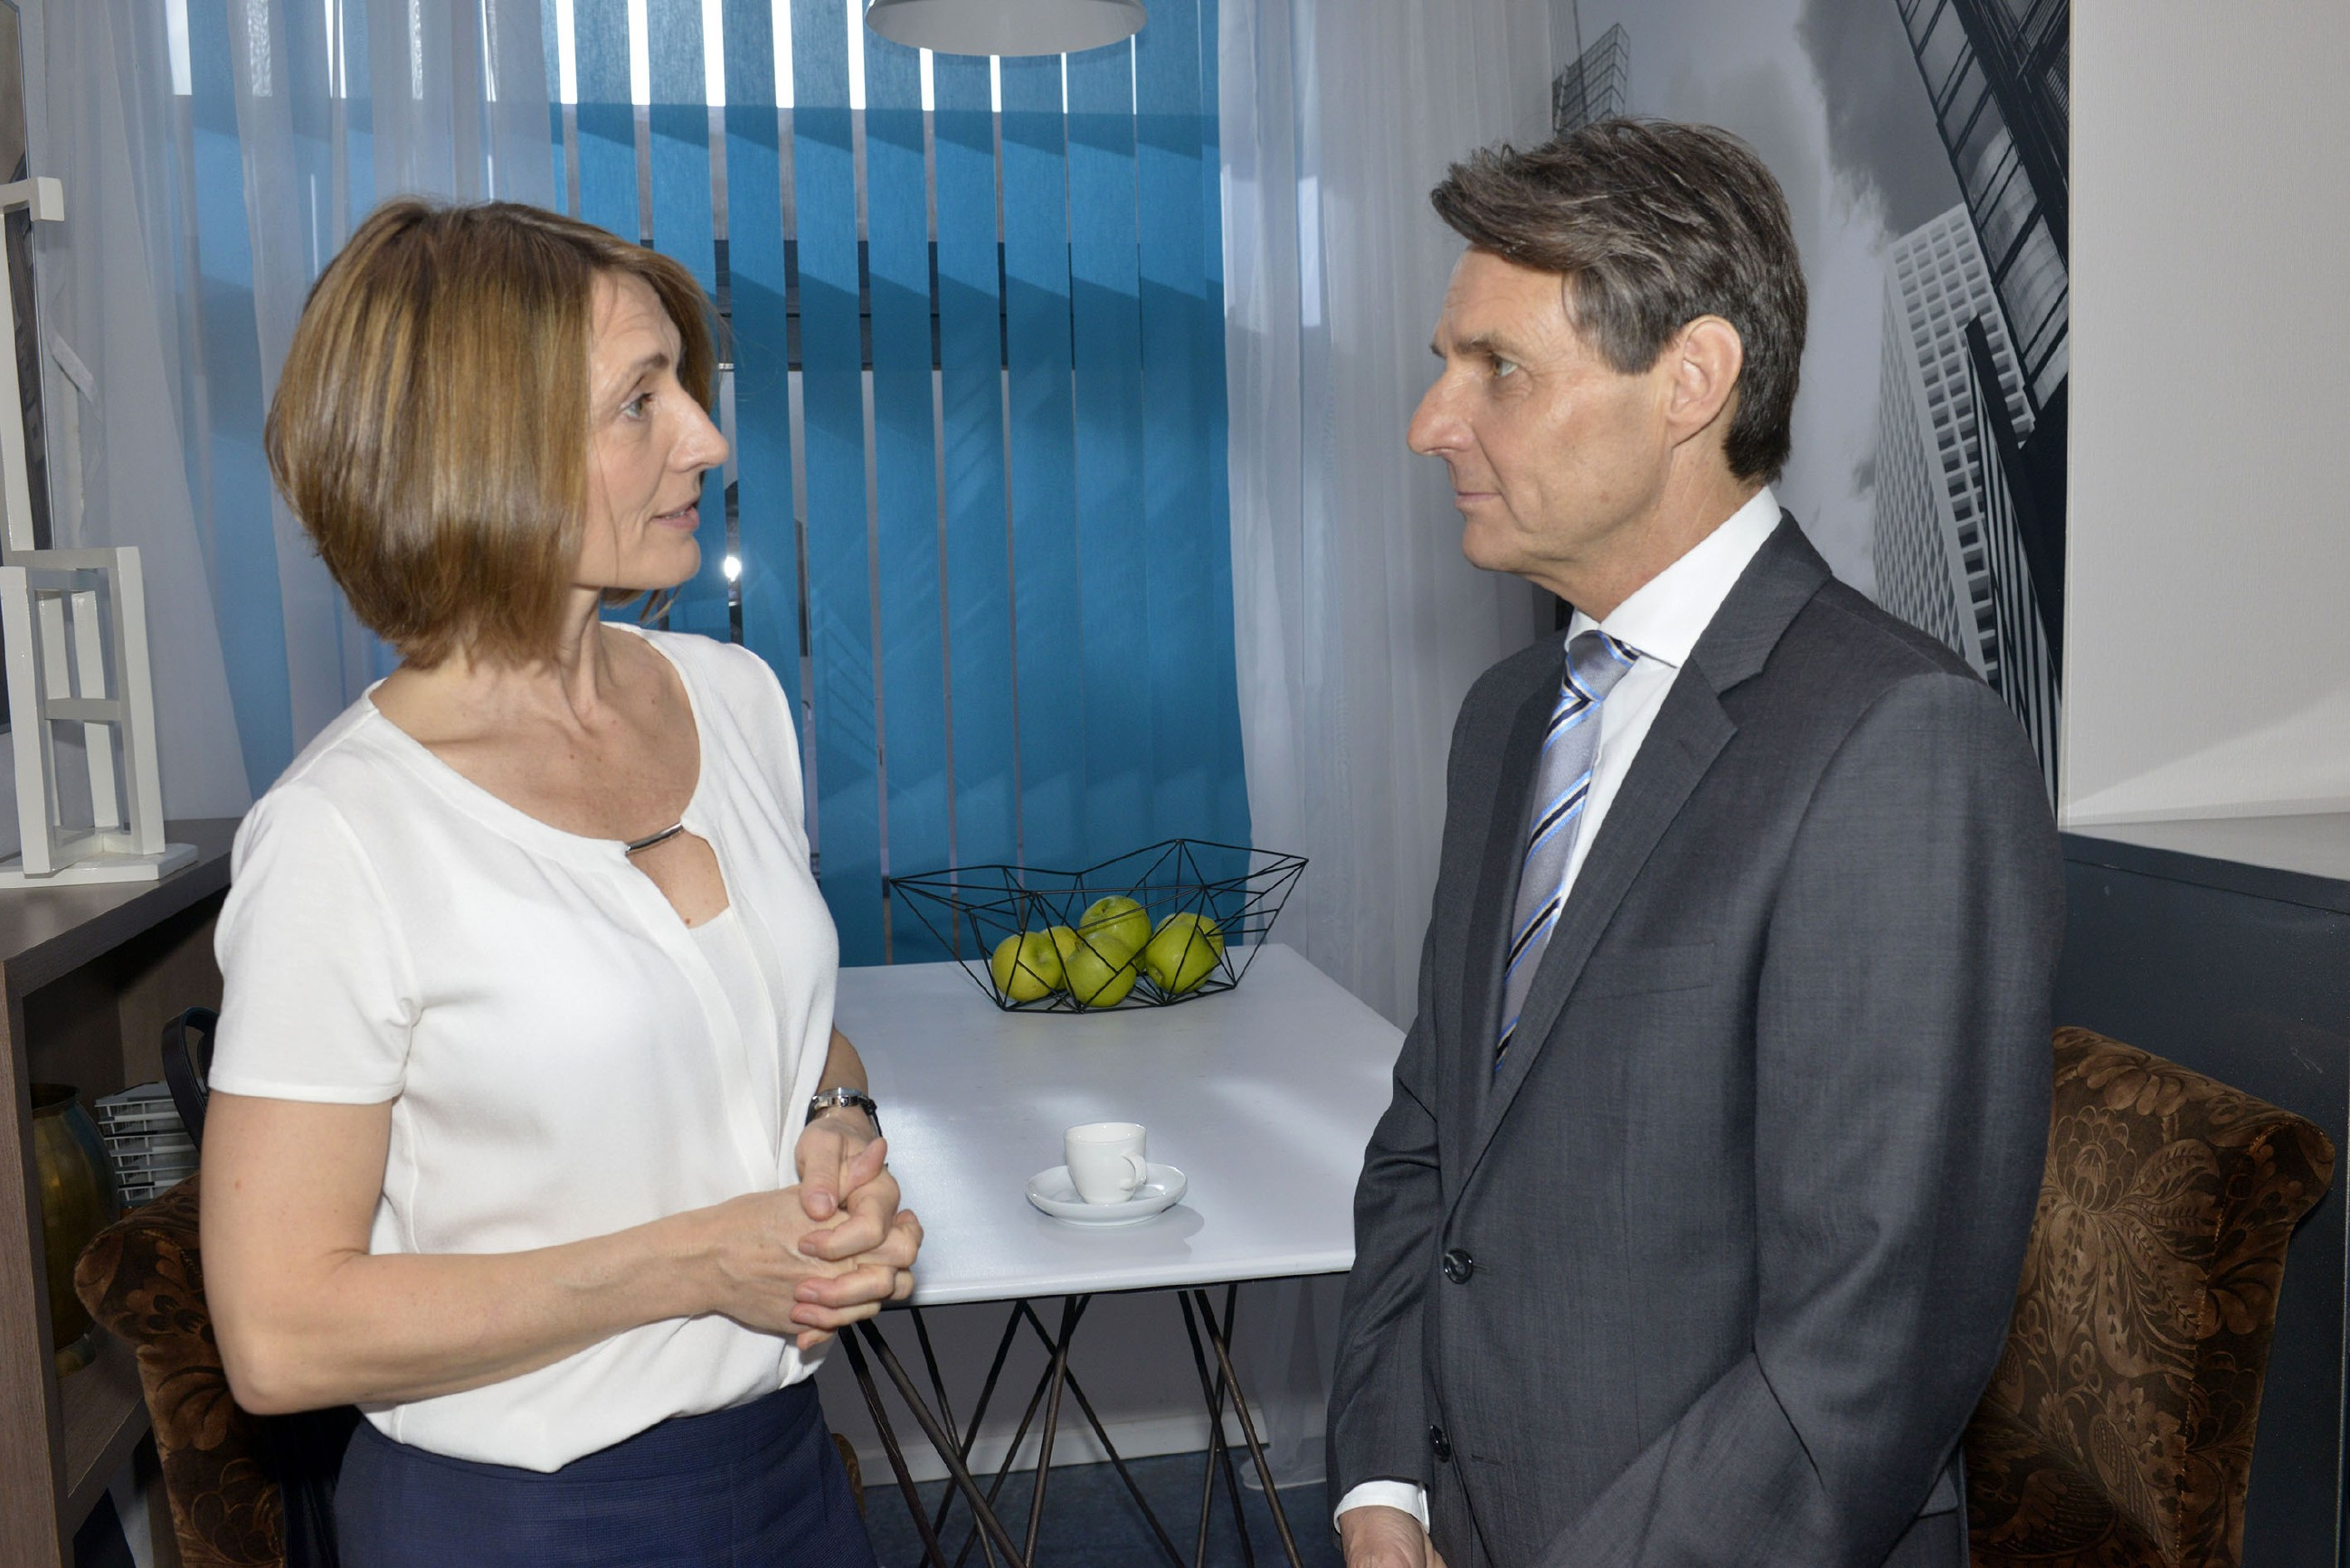 Rosa Lehmann (Joana Schümer) ist überrascht, als sie von Gerner (Wolfgang Bahro) auf ihren Sohn Chris angesprochen wird. (Quelle: RTL / Rolf Baumgartner)